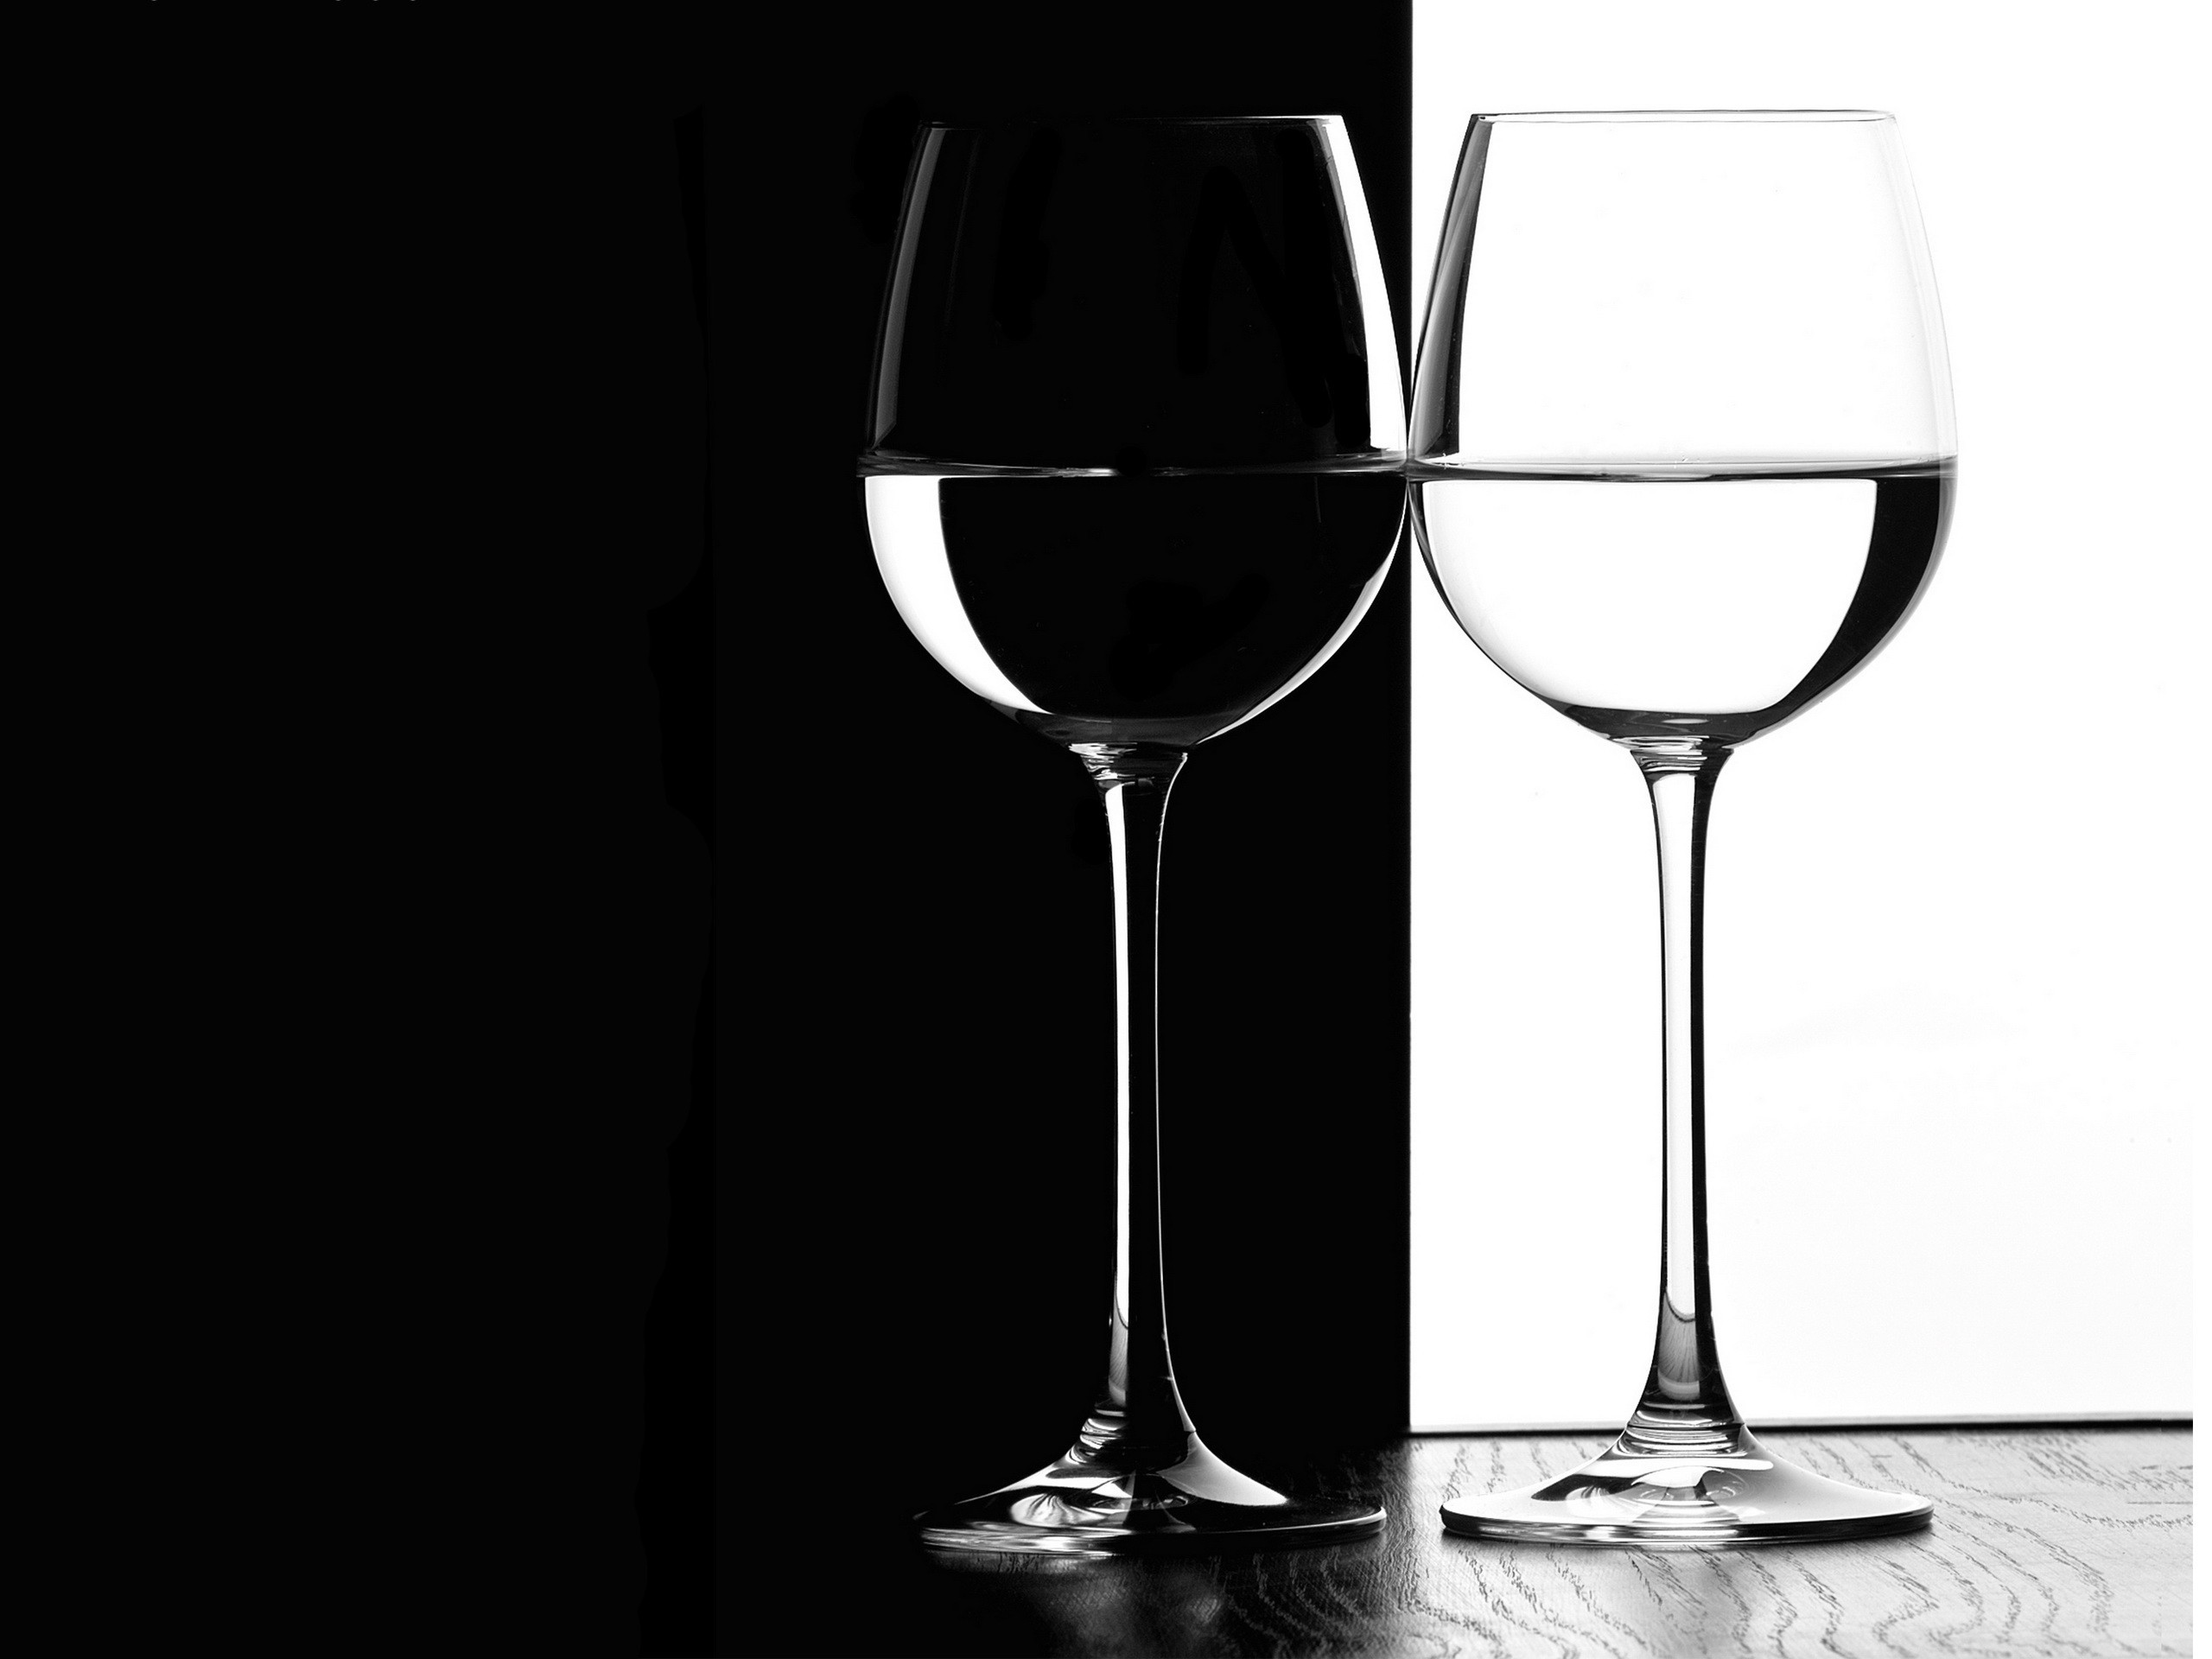 black-and-white-wallpaper-2.jpg (2560×1920)